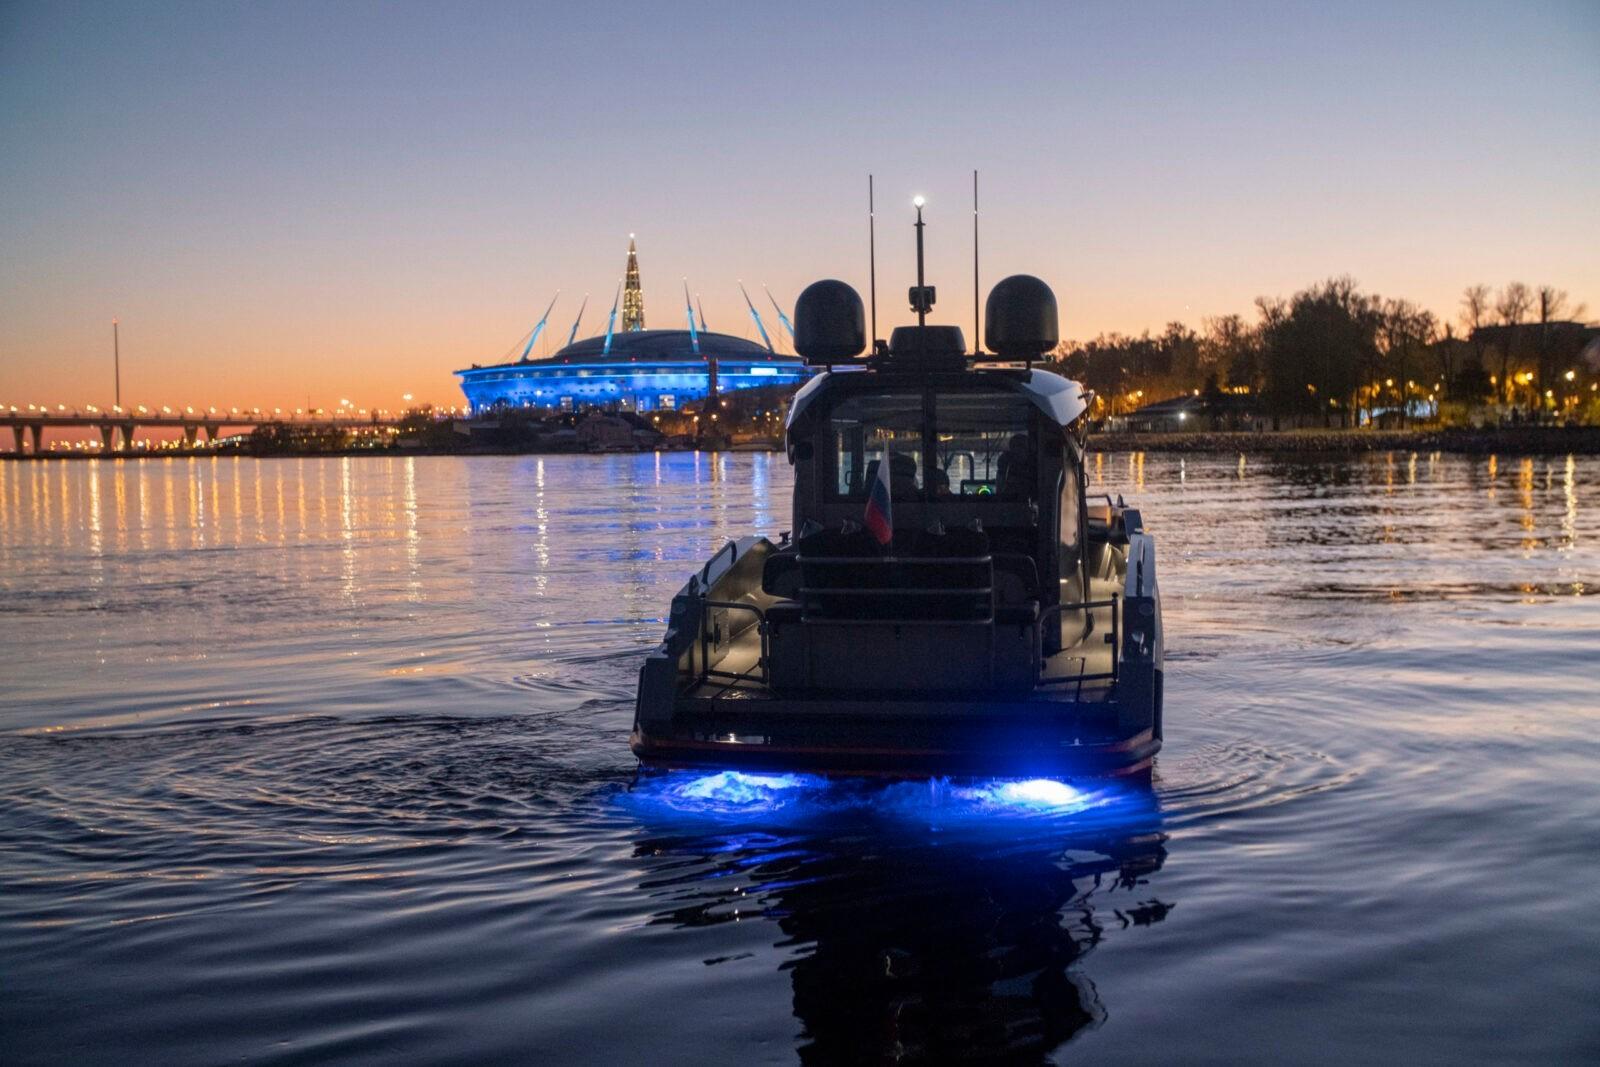 Force 10 - революционный катер для ценителей водных прогулок